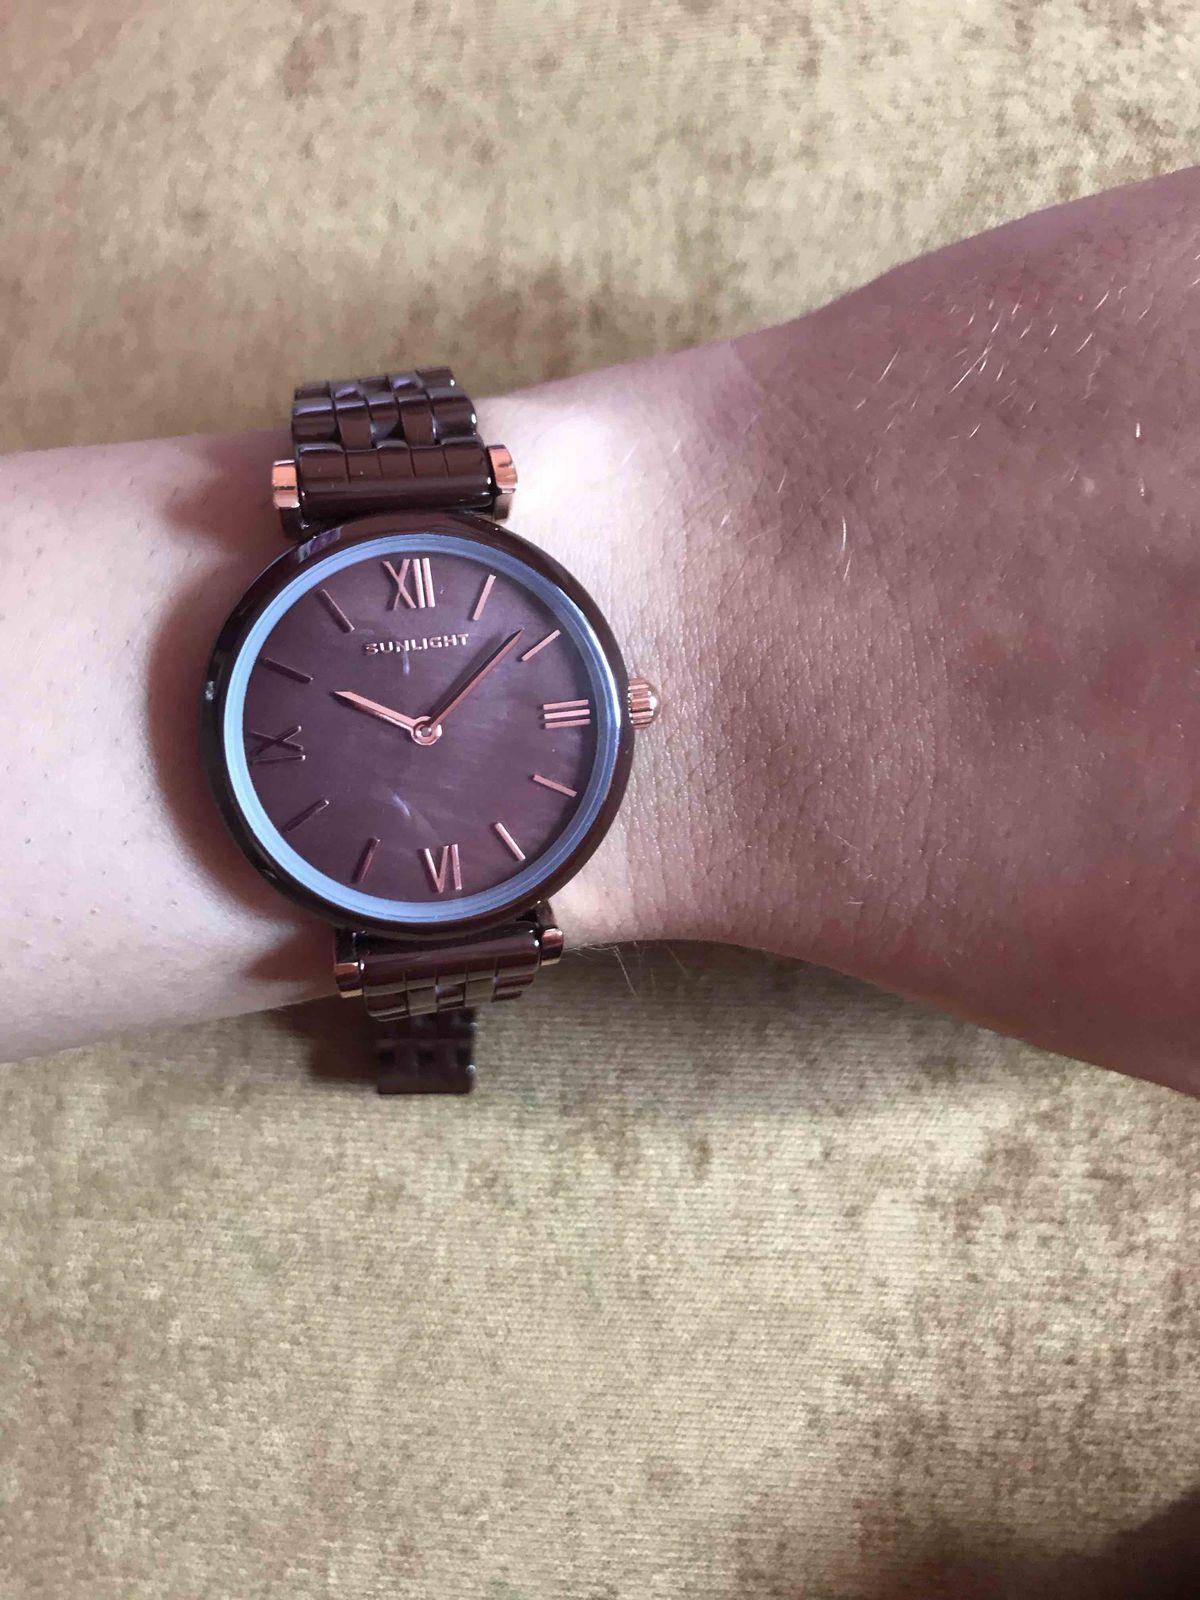 Теперь это мои любимые часы